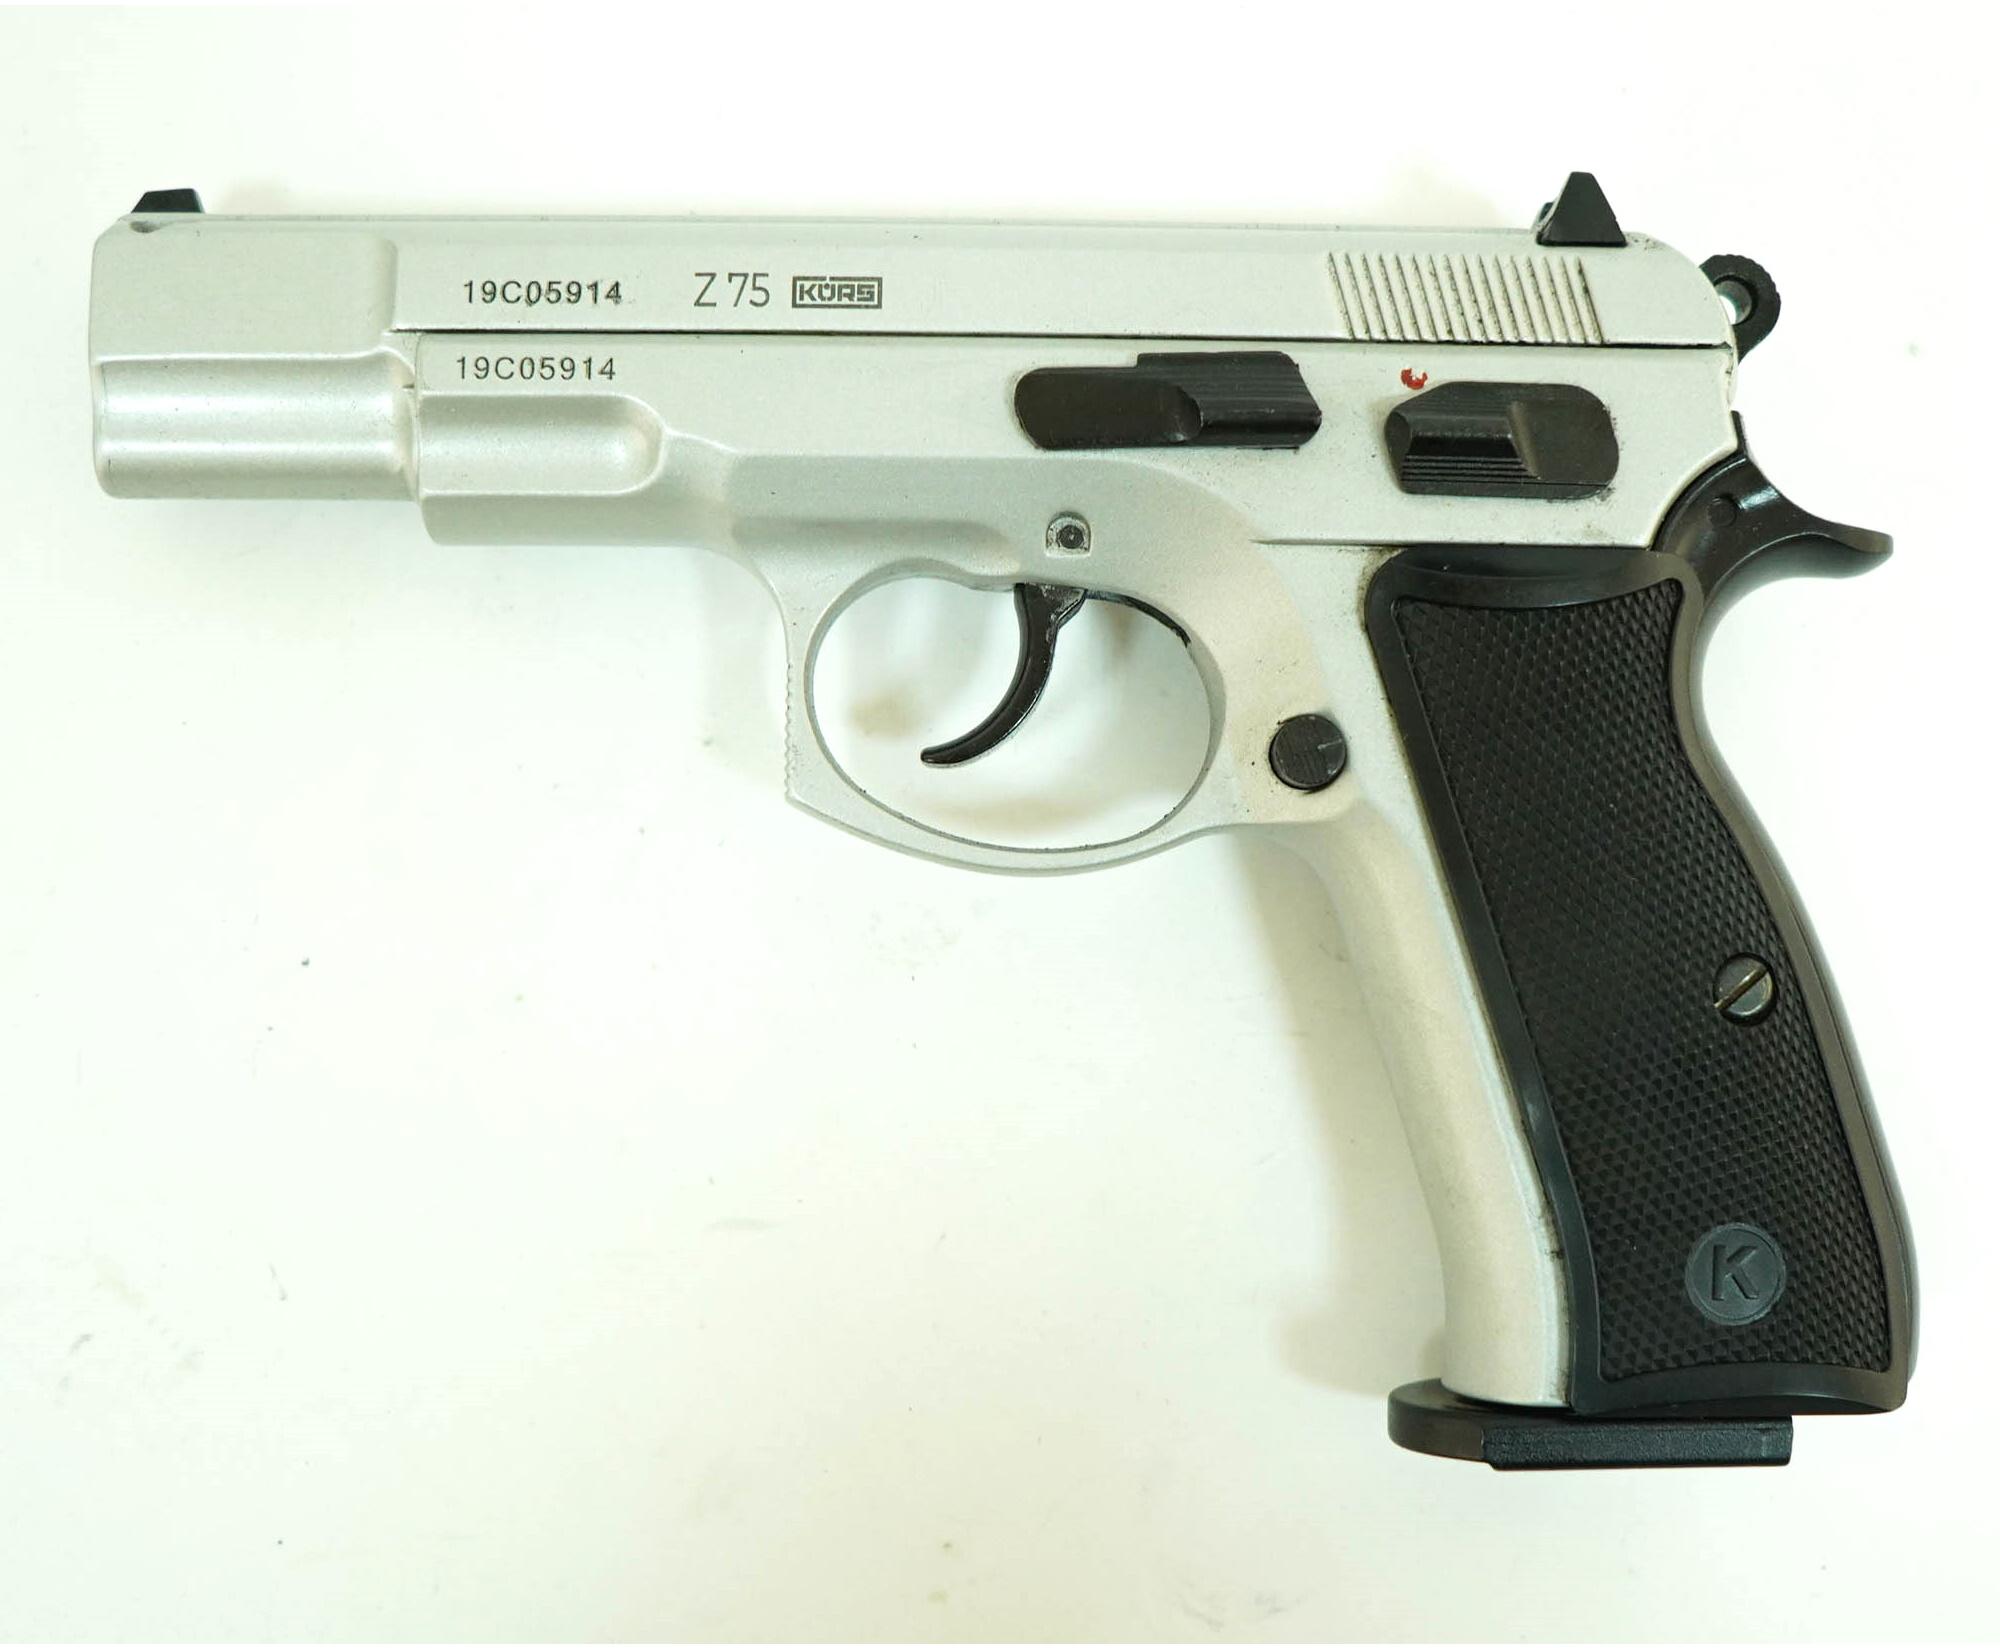 |Уценка| Охолощенный СХП пистолет Z75-СО Kurs (CZ 75) 10ТК, серебро (№ Z75-СО-67-уц)